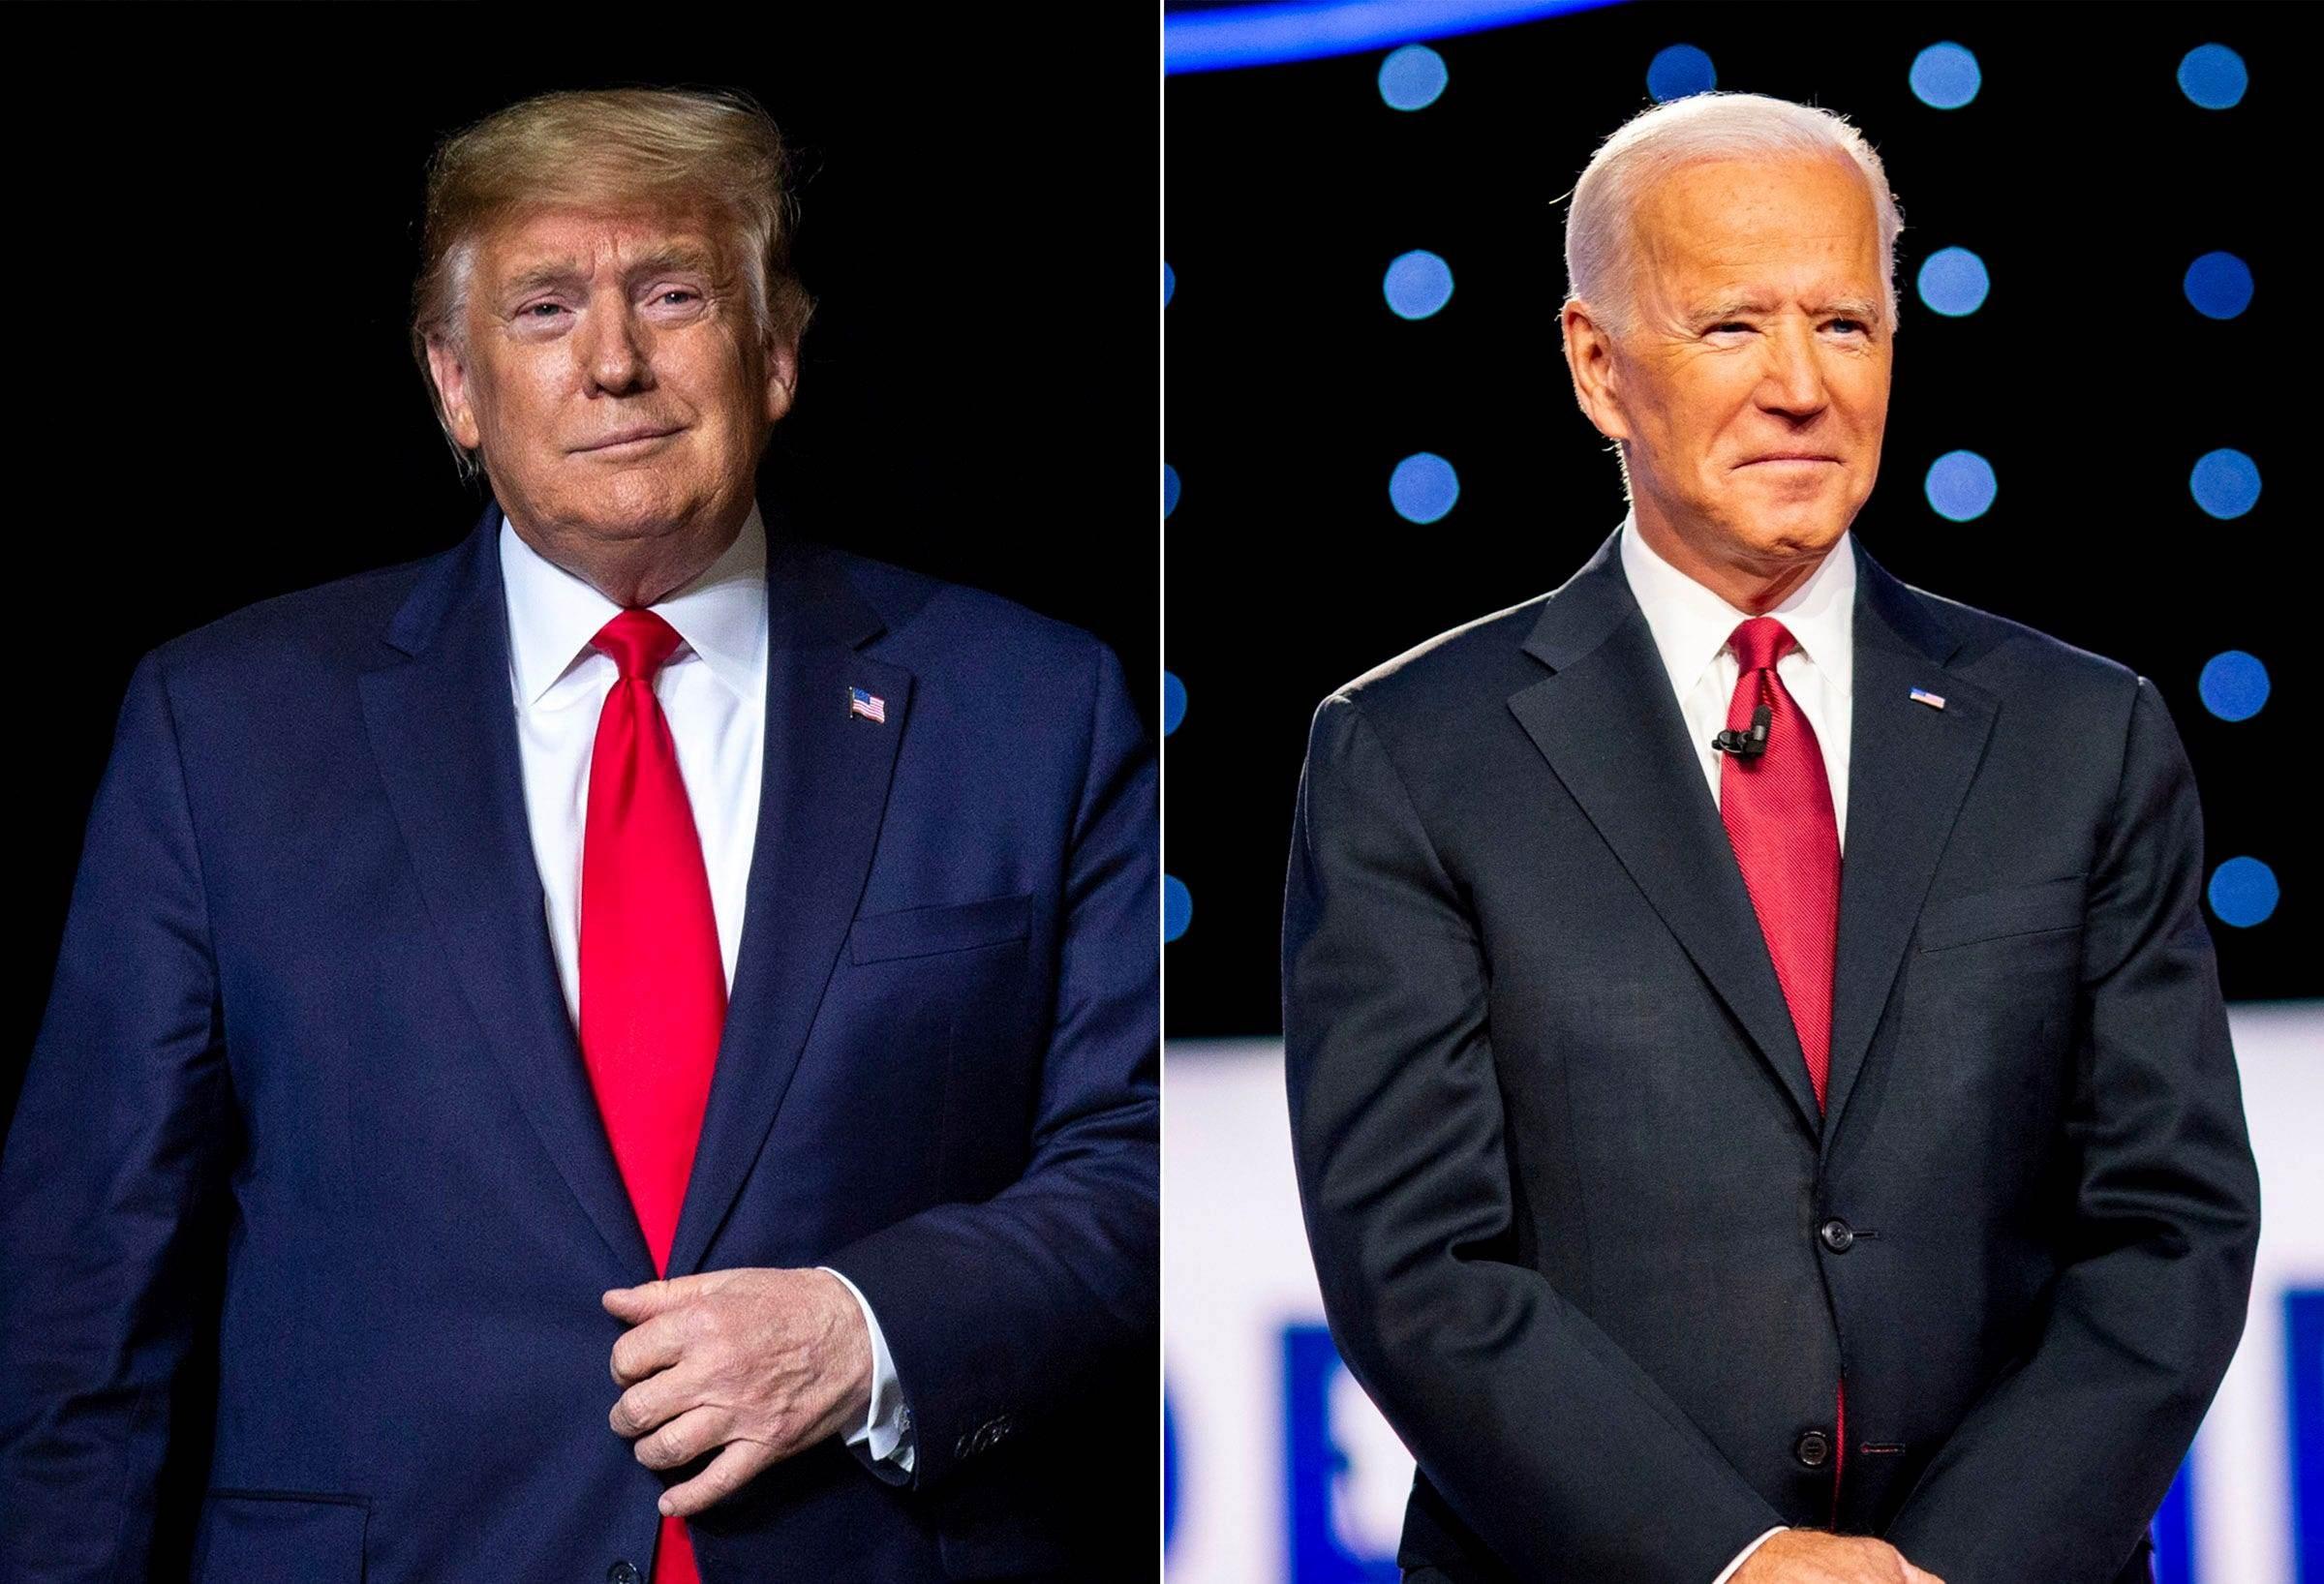 تحديد مواضيع المناظرة الاولى بين ترامب وبايدن